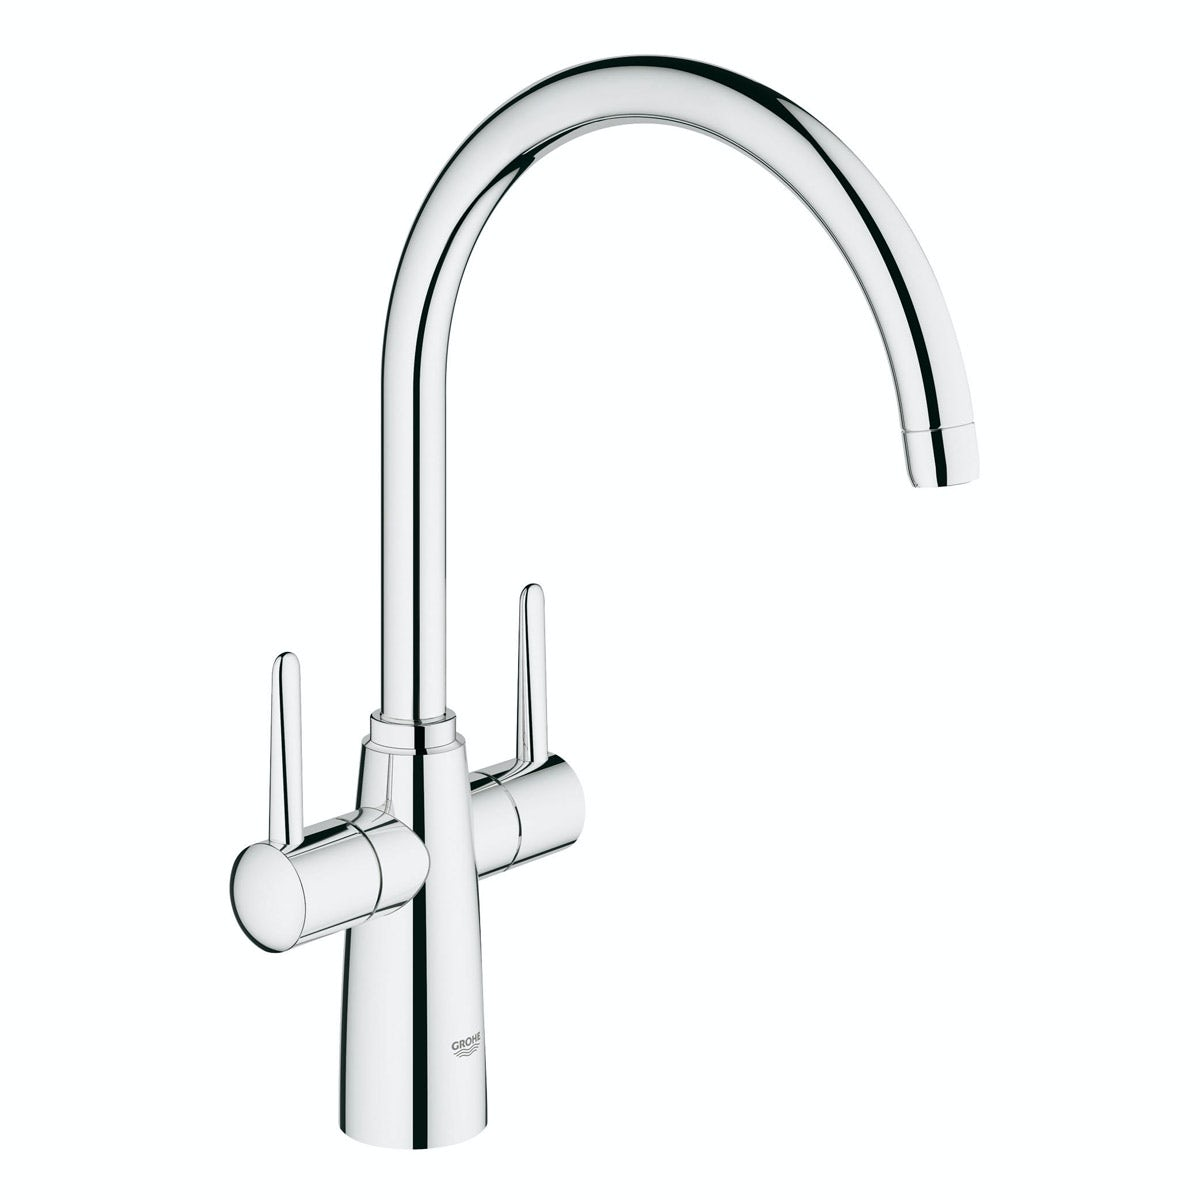 Grohe Ambi kitchen tap